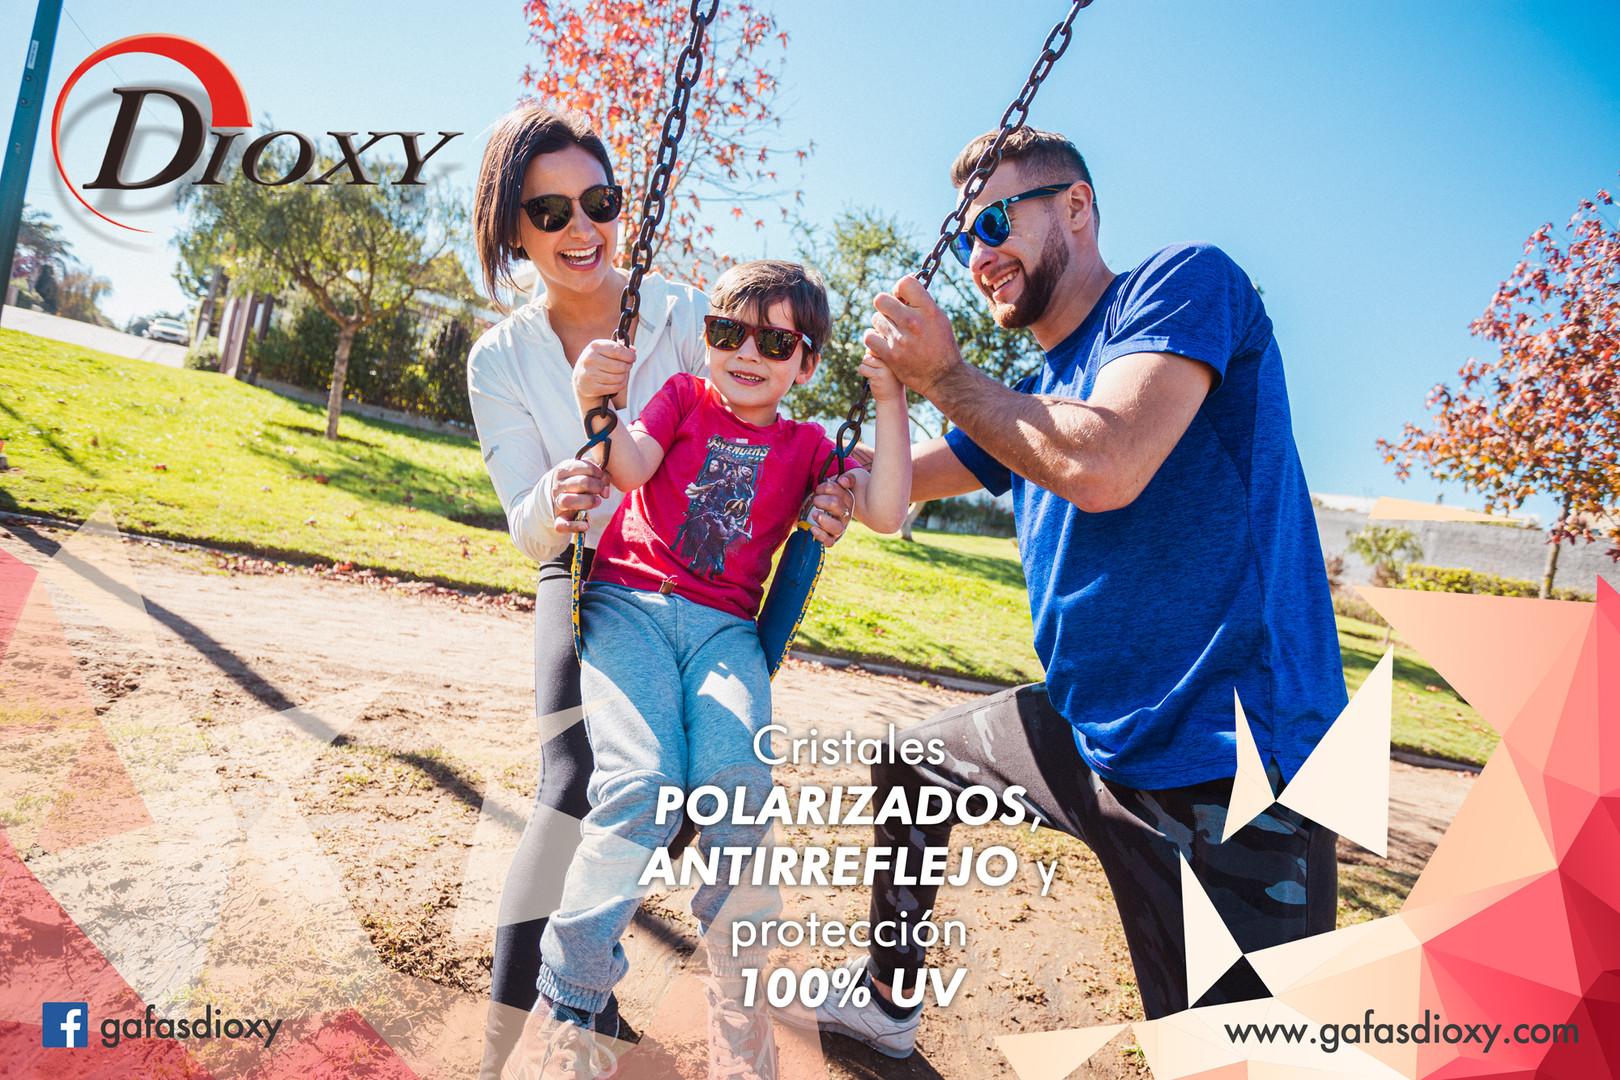 Dioxy 36.jpg